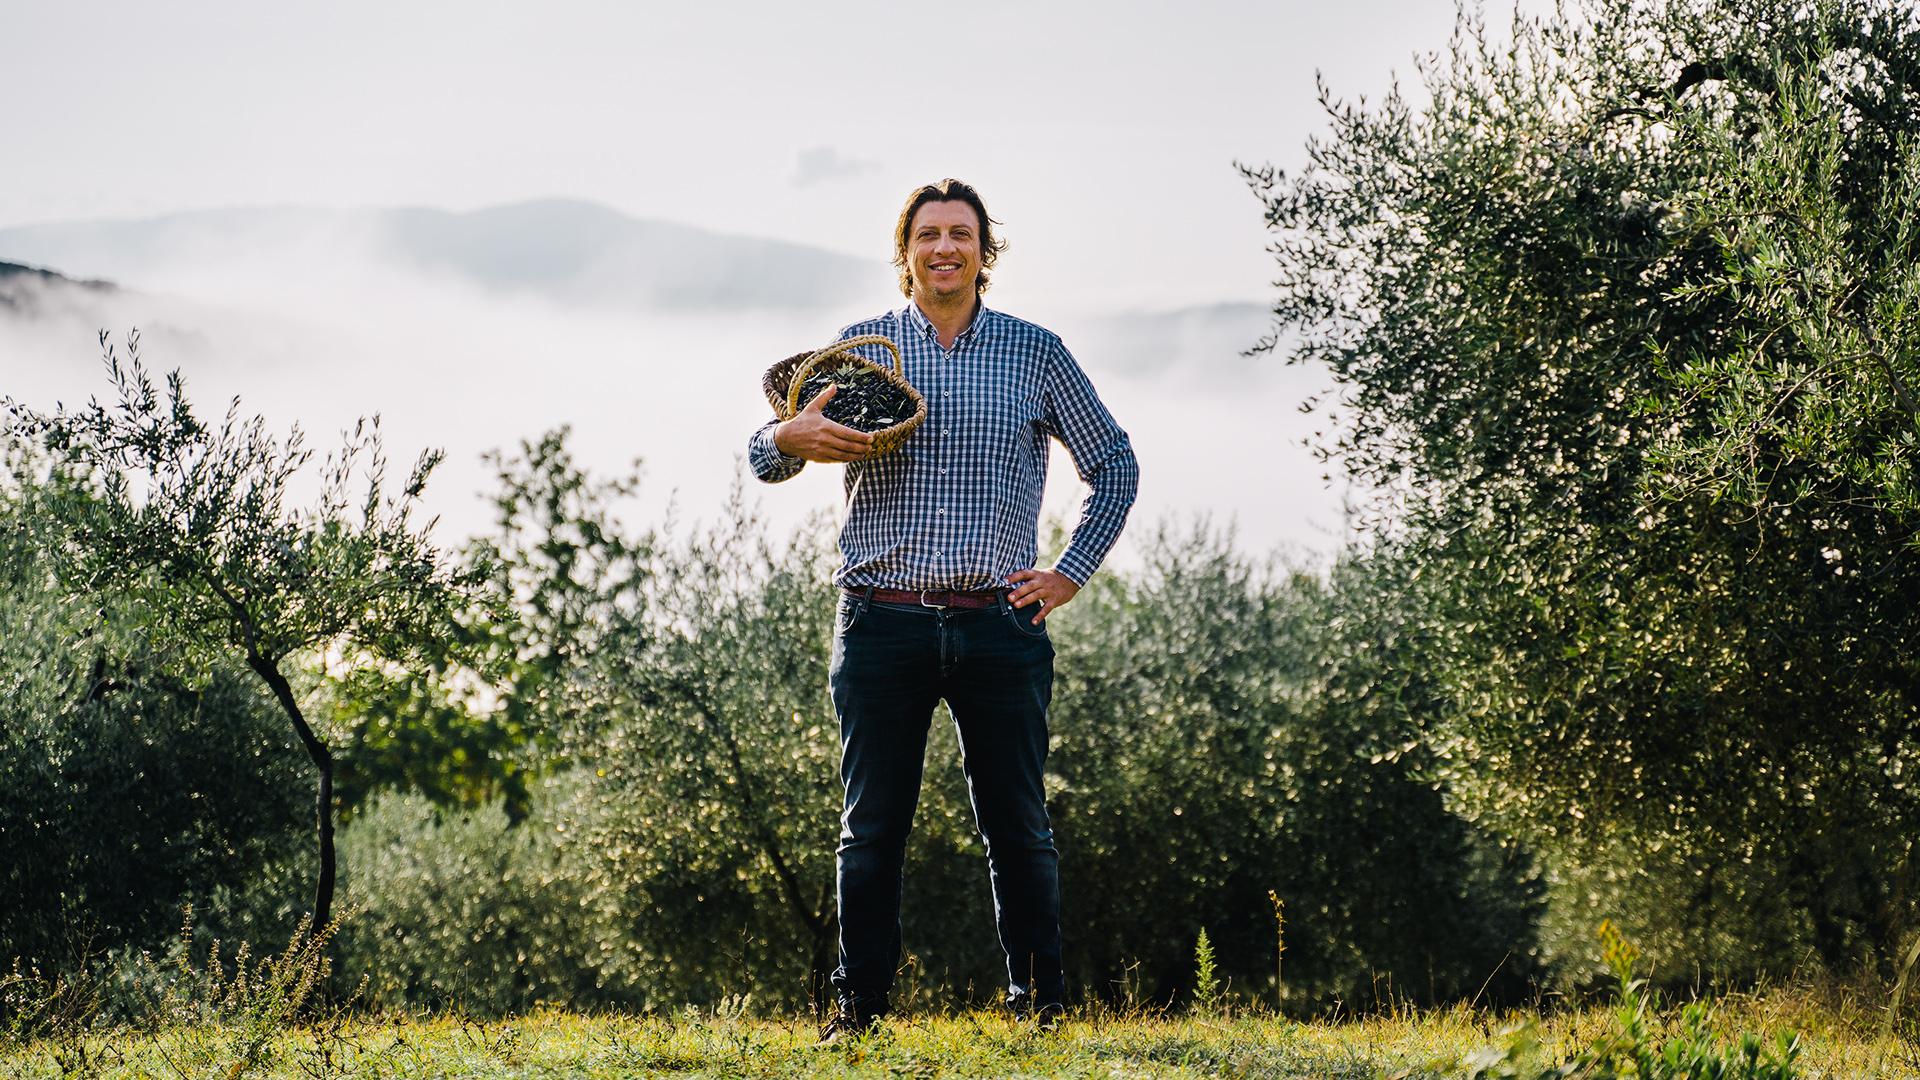 Demeter farmer Italy